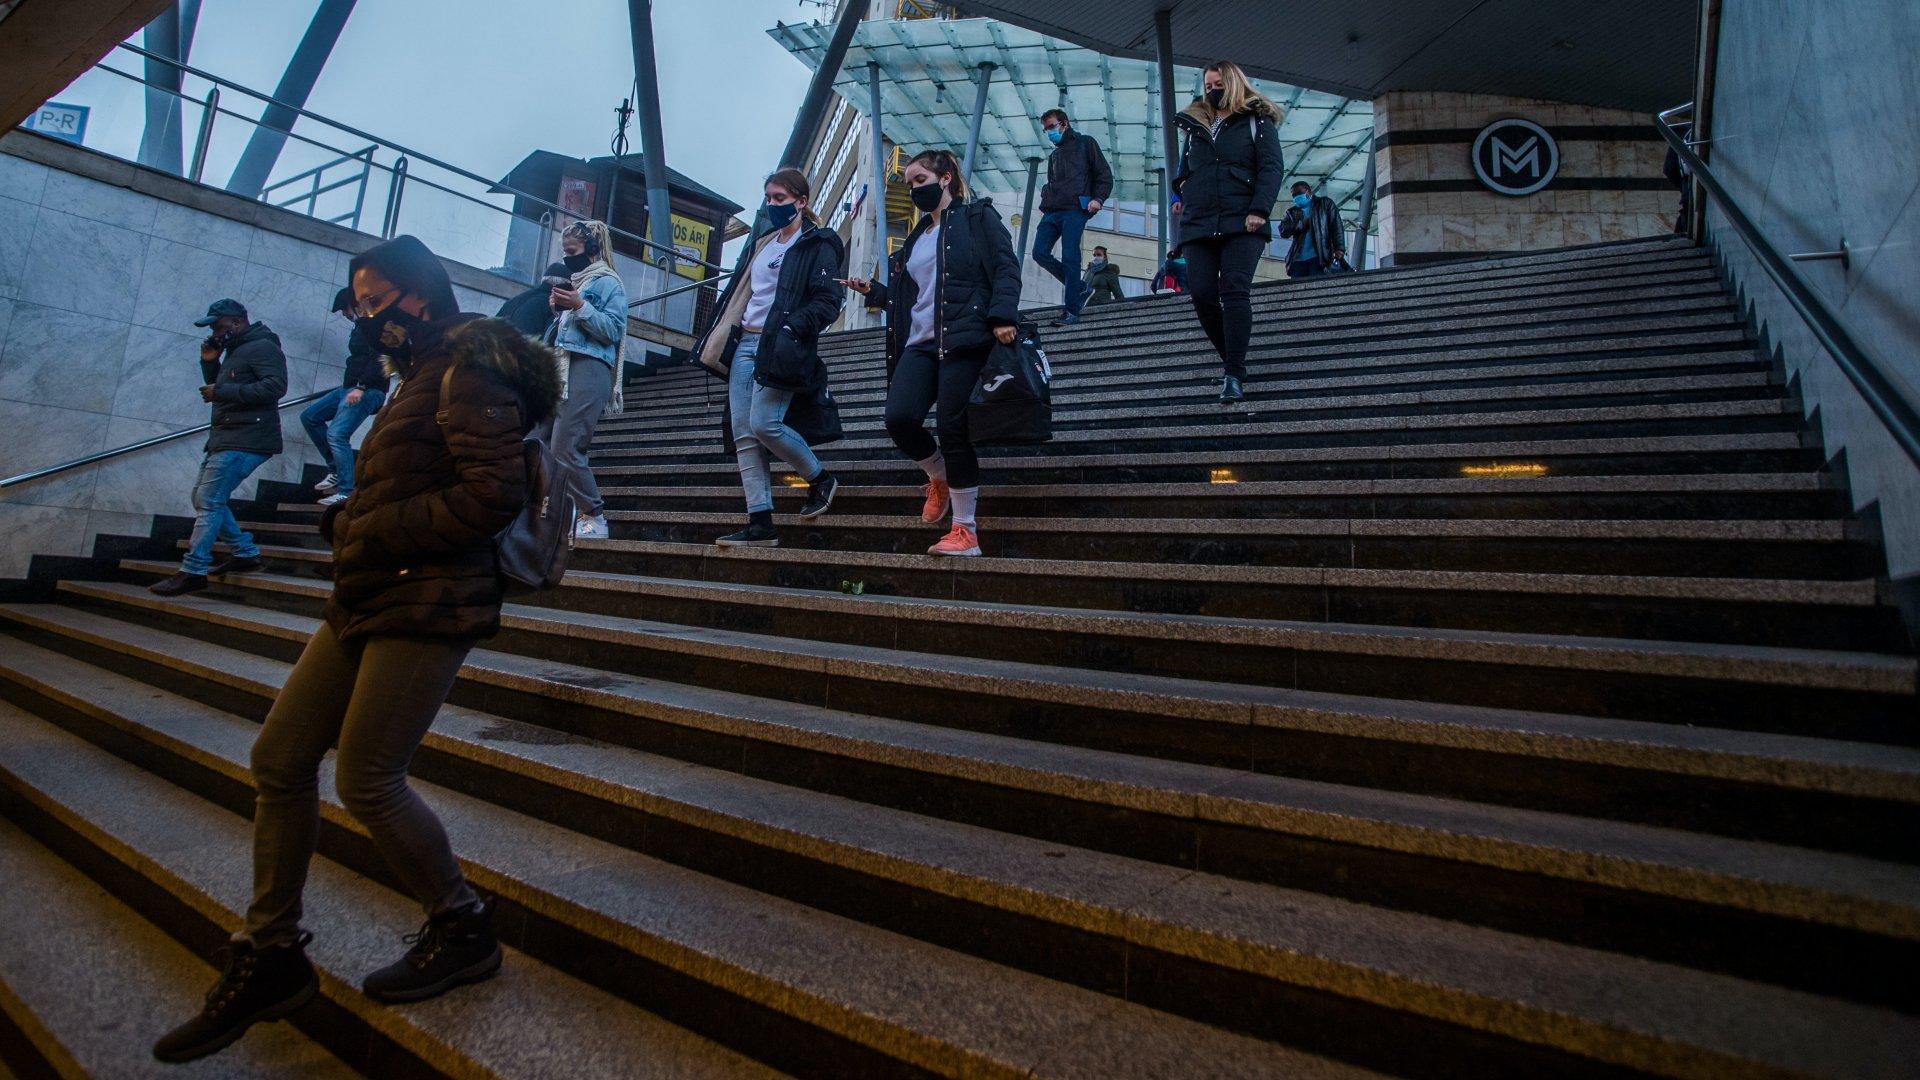 Maszkot viselő járókelők Budapesten